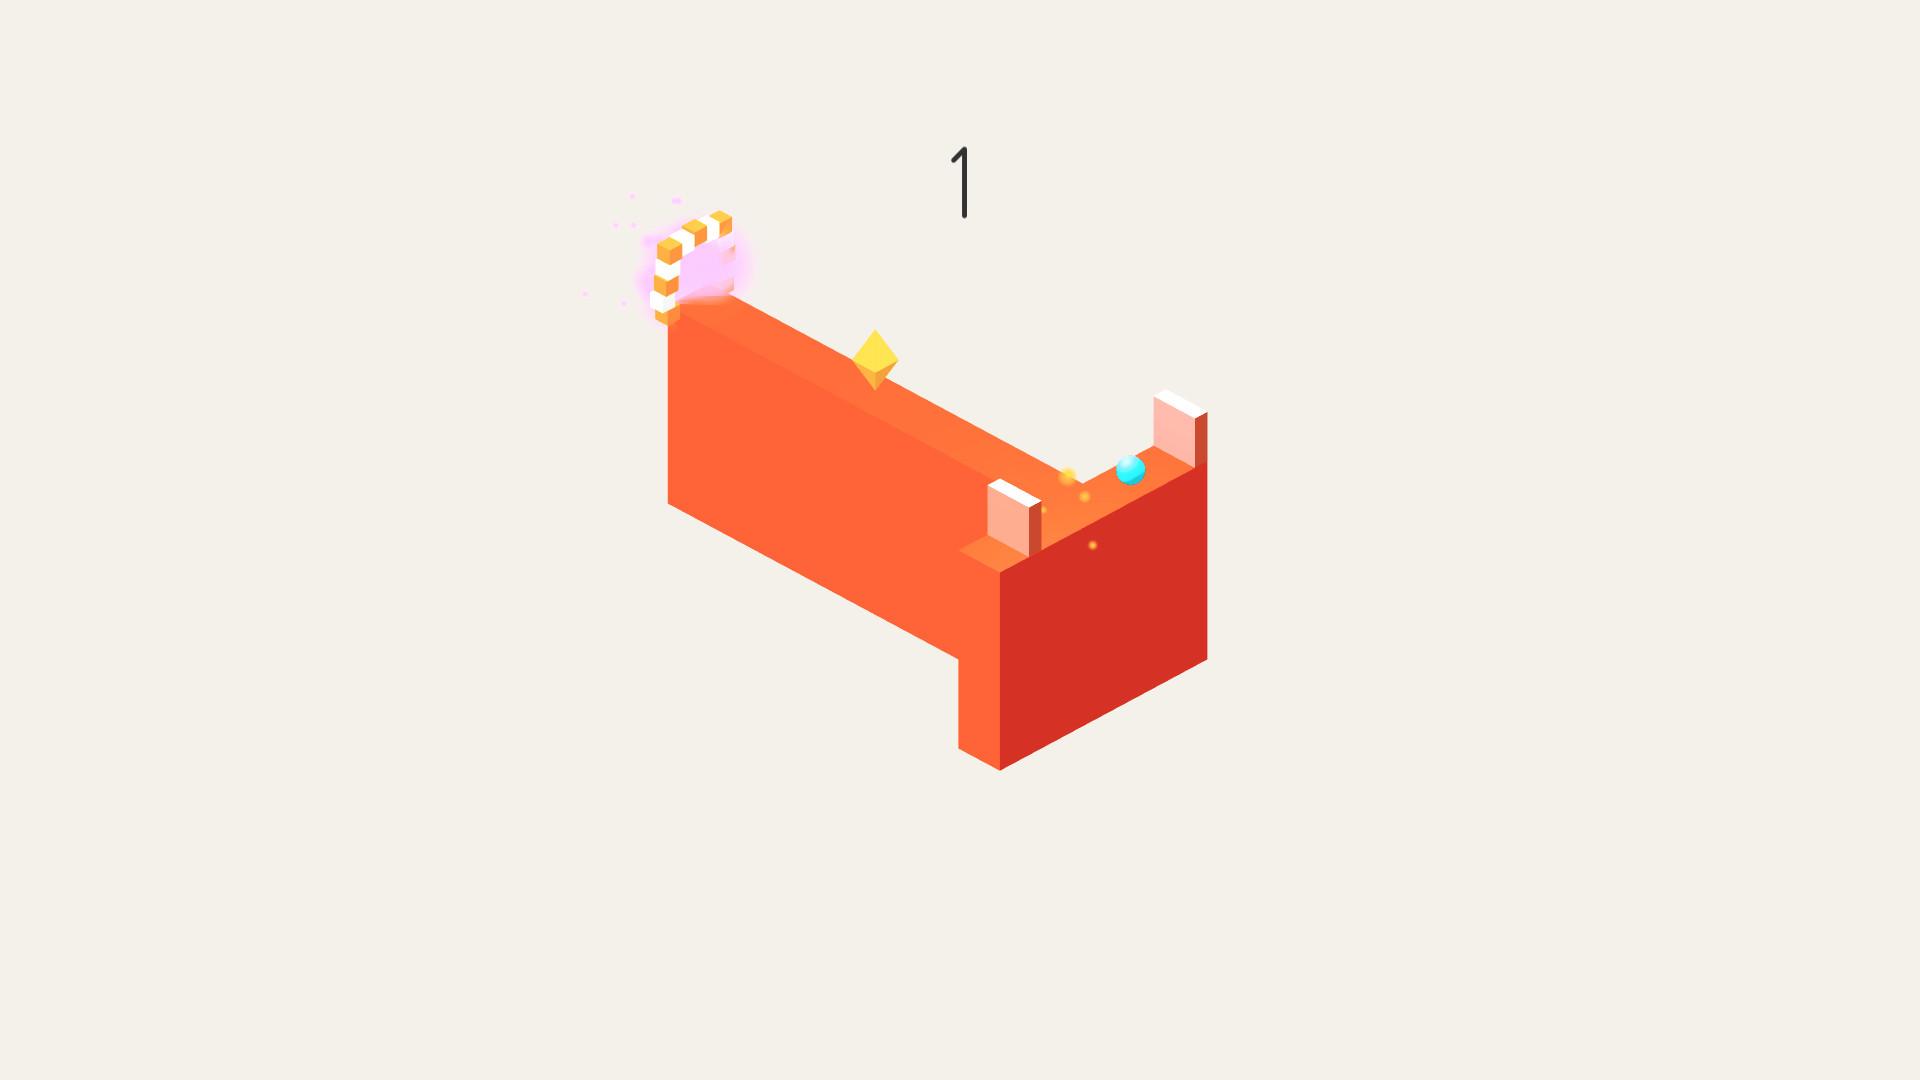 Miniballist screenshot